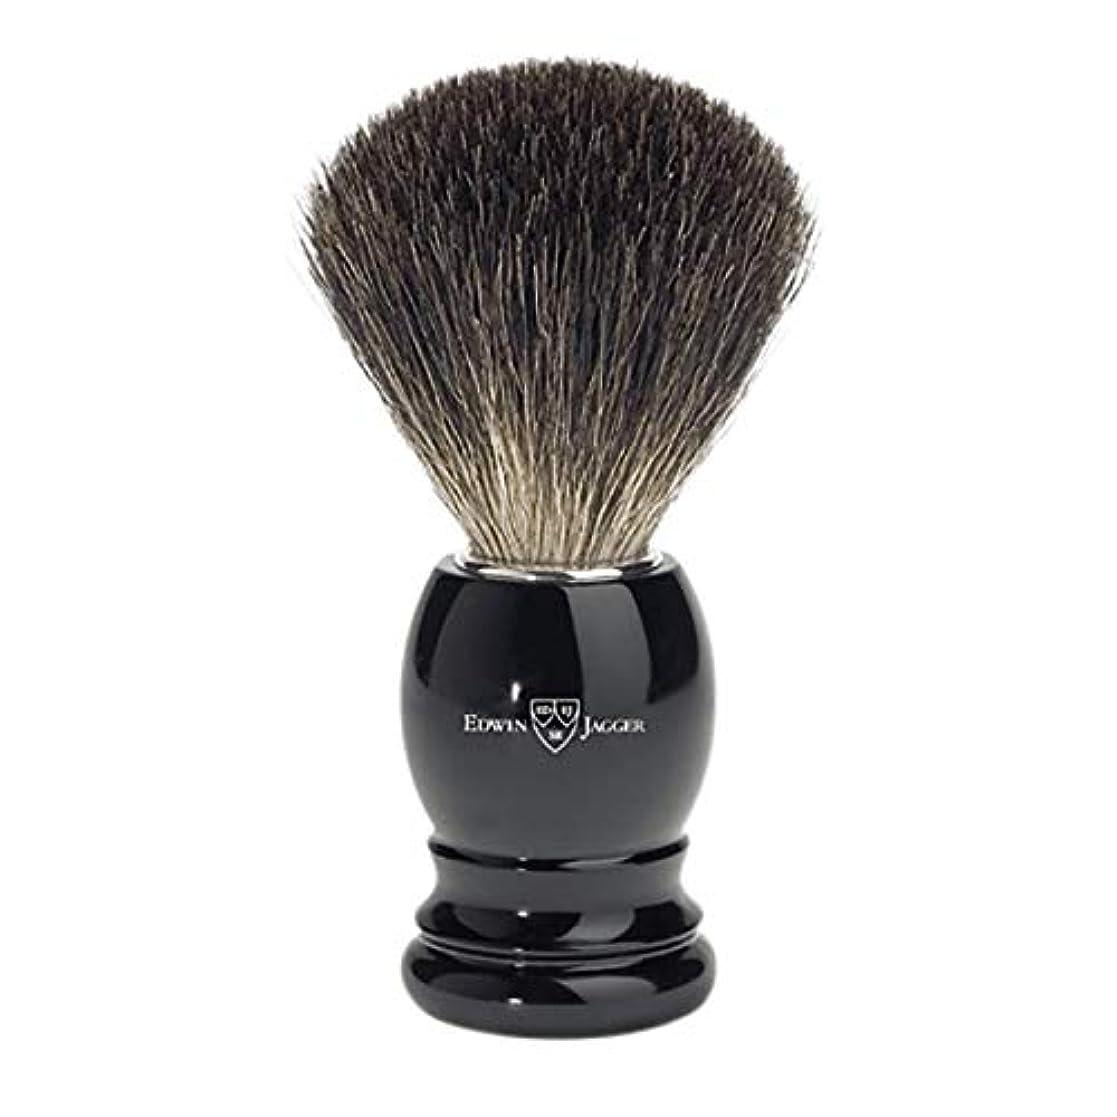 速い記事ビルエドウィンジャガー ブラックイミテーションエボニーベストバジャーシェービングブラシ81P26[海外直送品]Edwin Jagger Black Imitation Ebony Best Badger Shaving Brush...